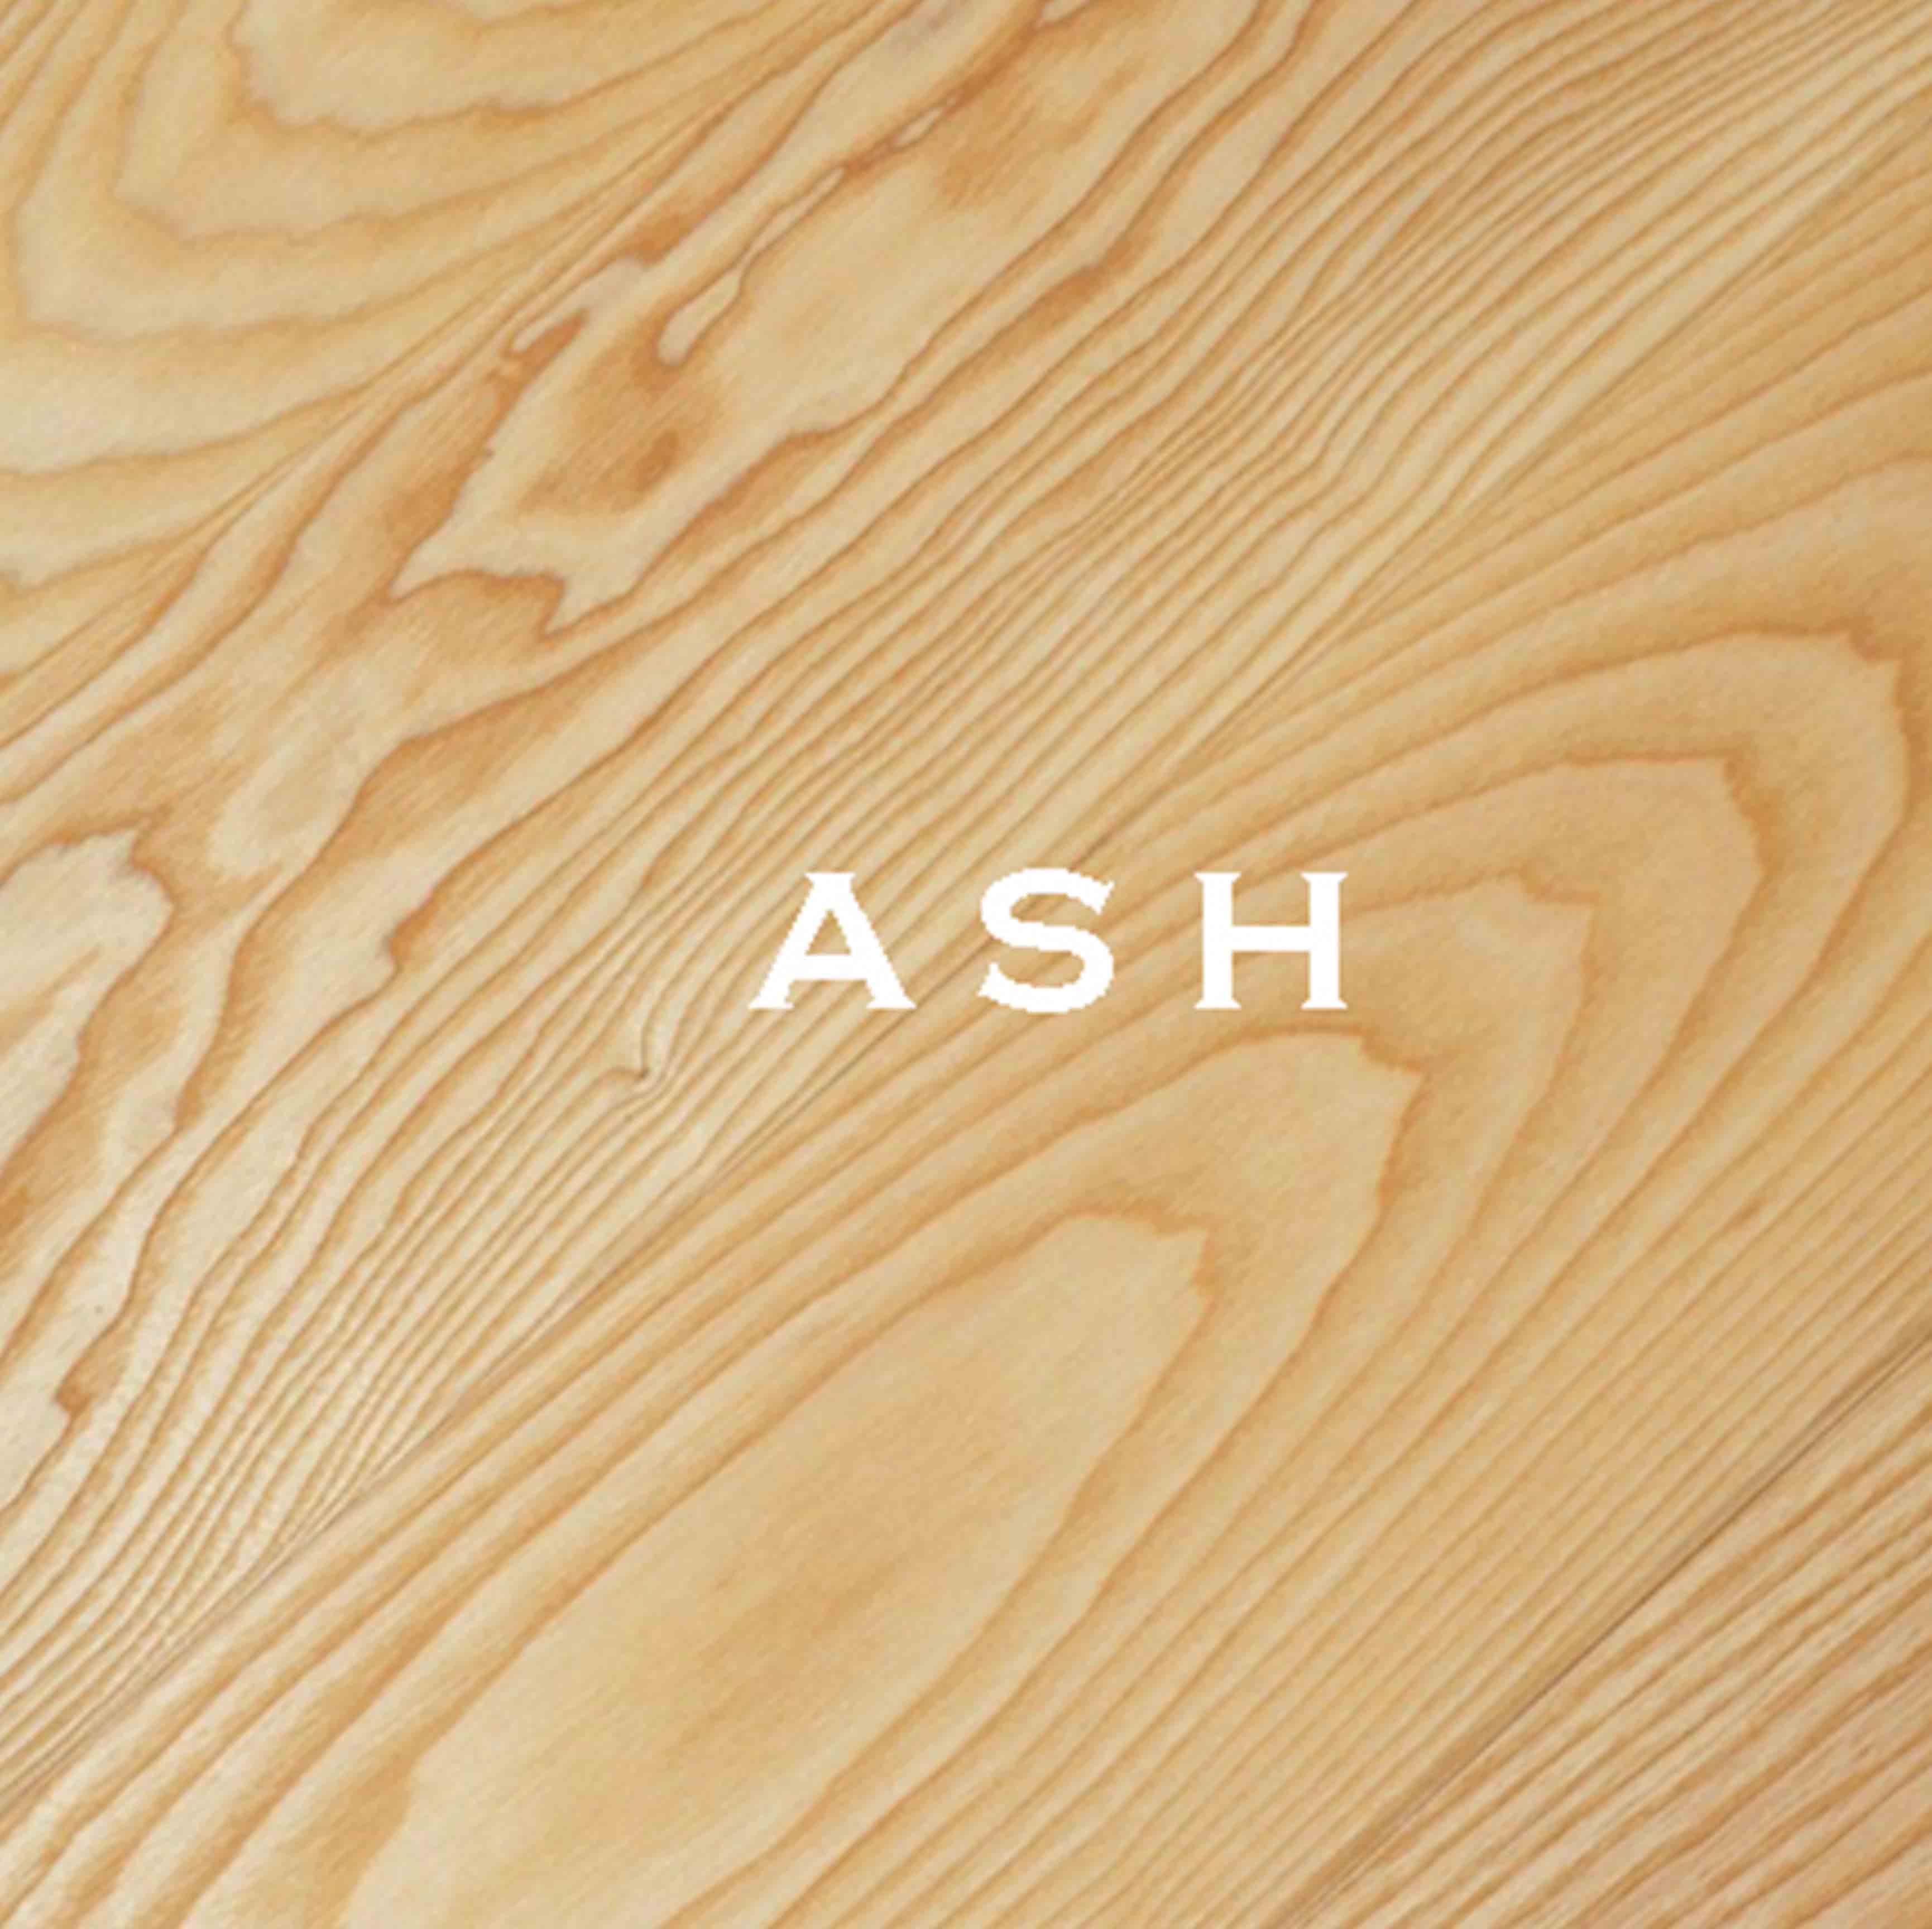 Cách phân biệt gỗ sồi (OAK) và gỗ tần bì (ASH)